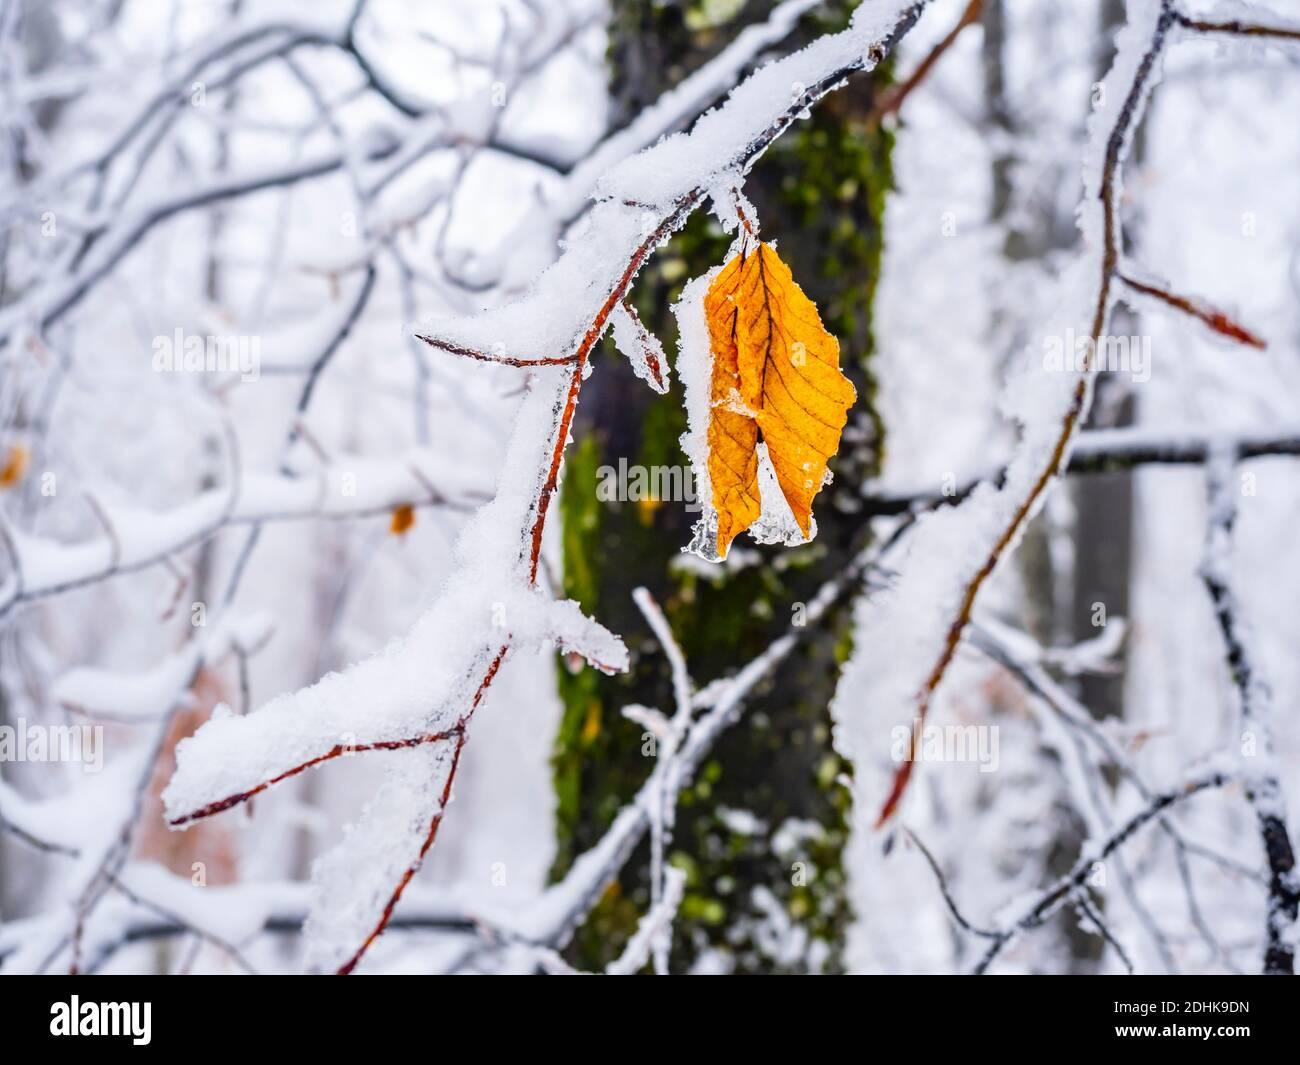 Croatia snow detail Gorski kotar county Stock Photo